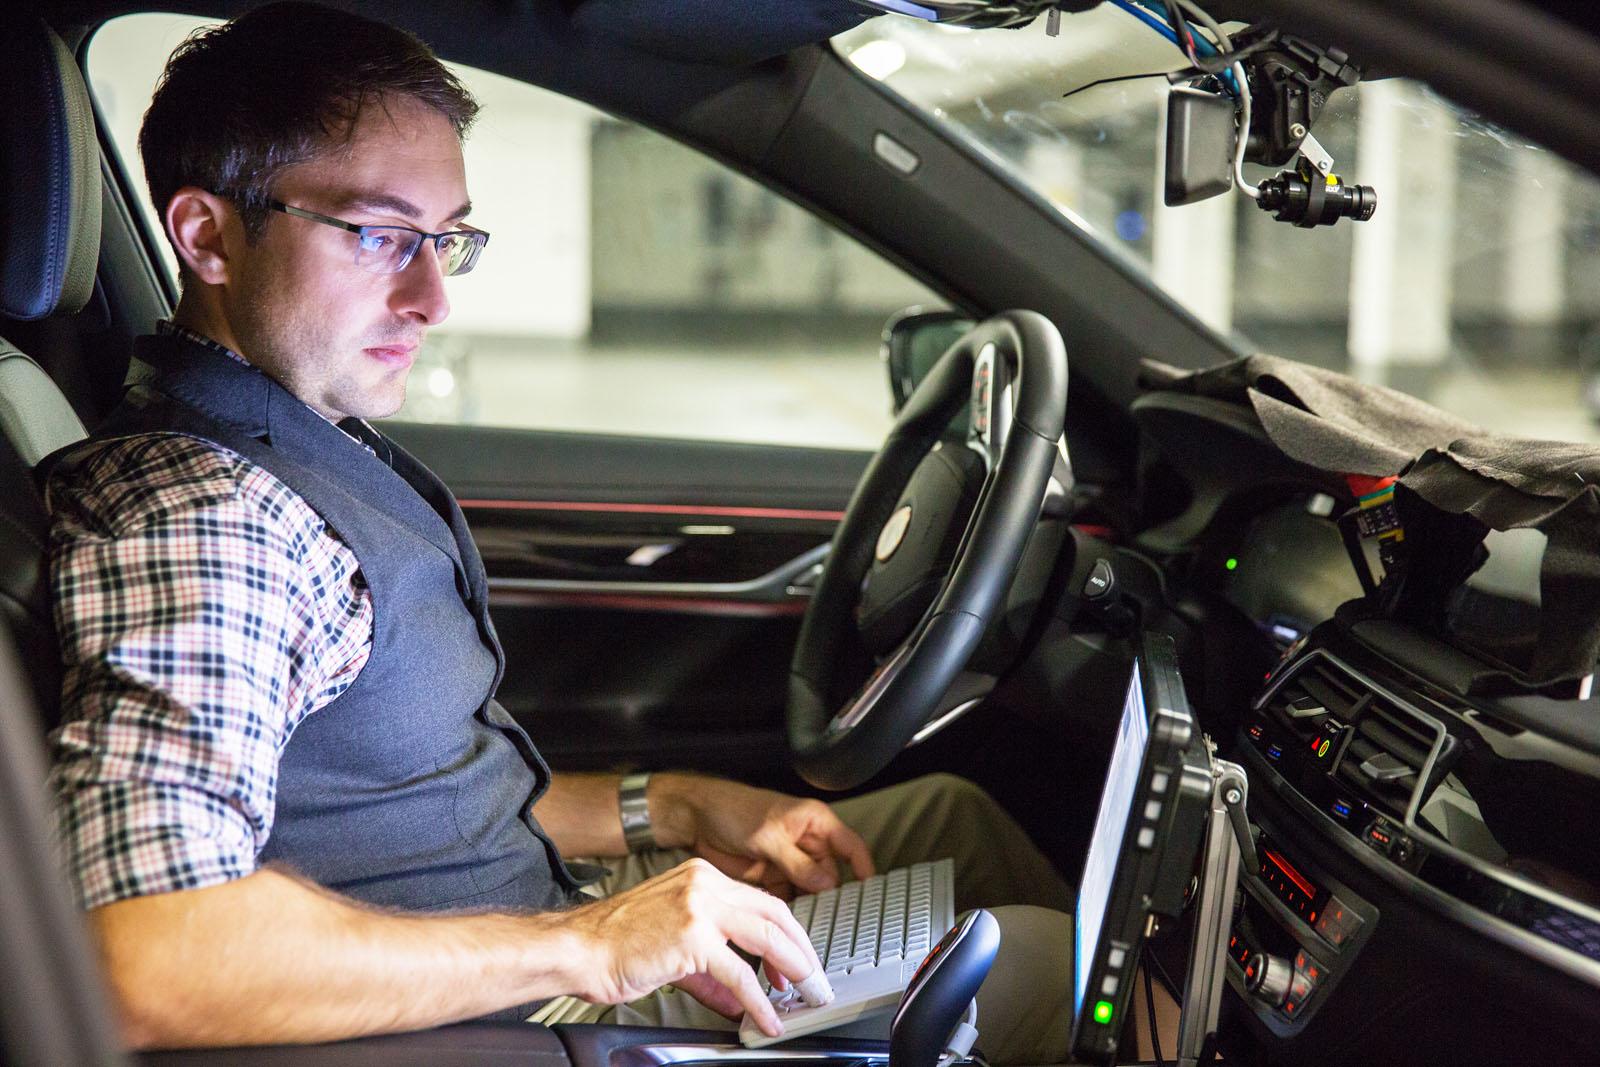 أنتيل تسعى إلى تقديم خدمة التوصيل دون سائق بالكامل فى عام 2023